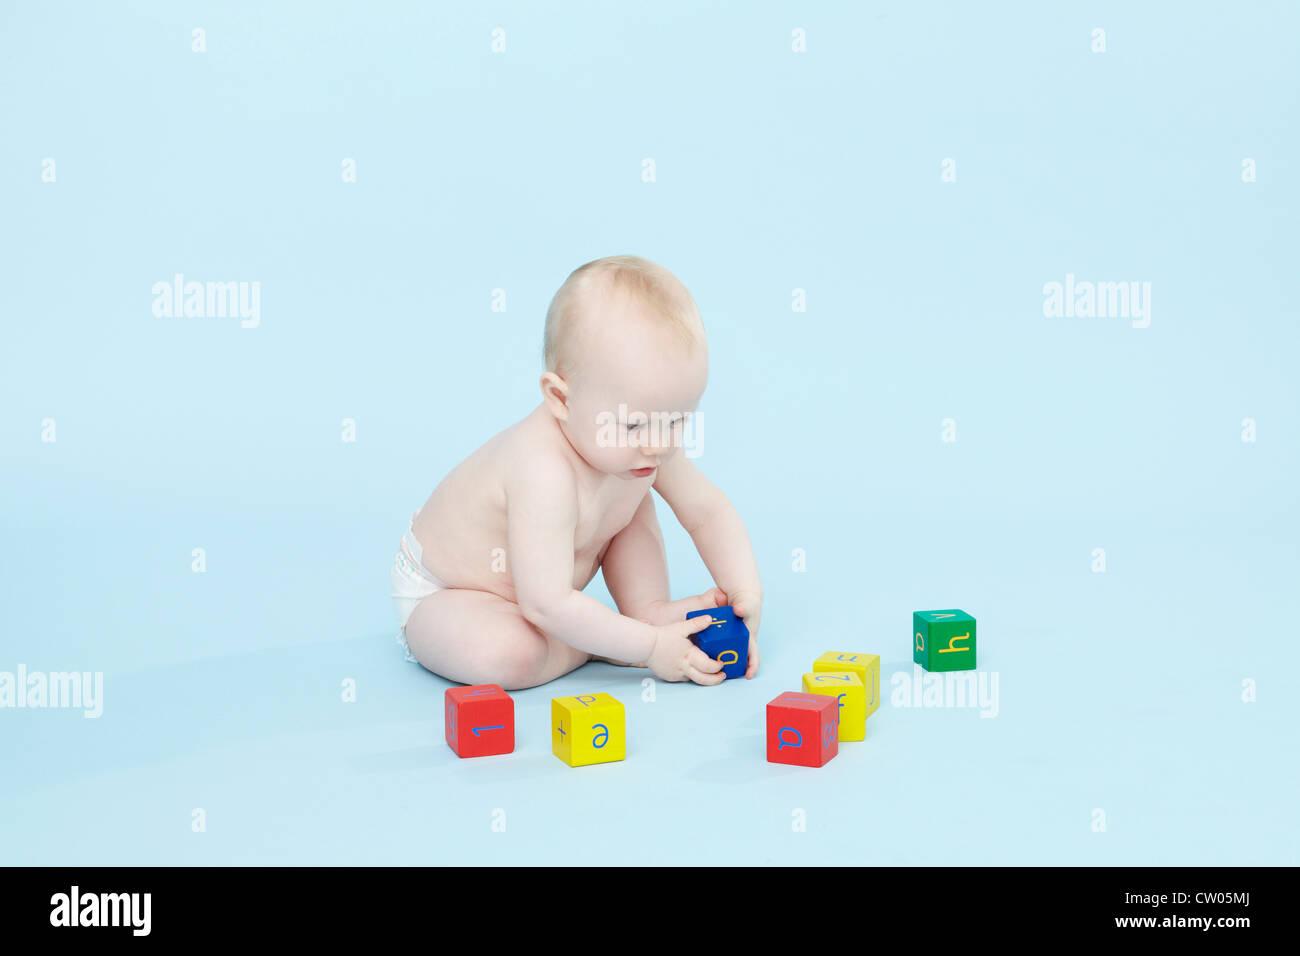 Bébé Garçon jouant avec des blocs de couleur Photo Stock